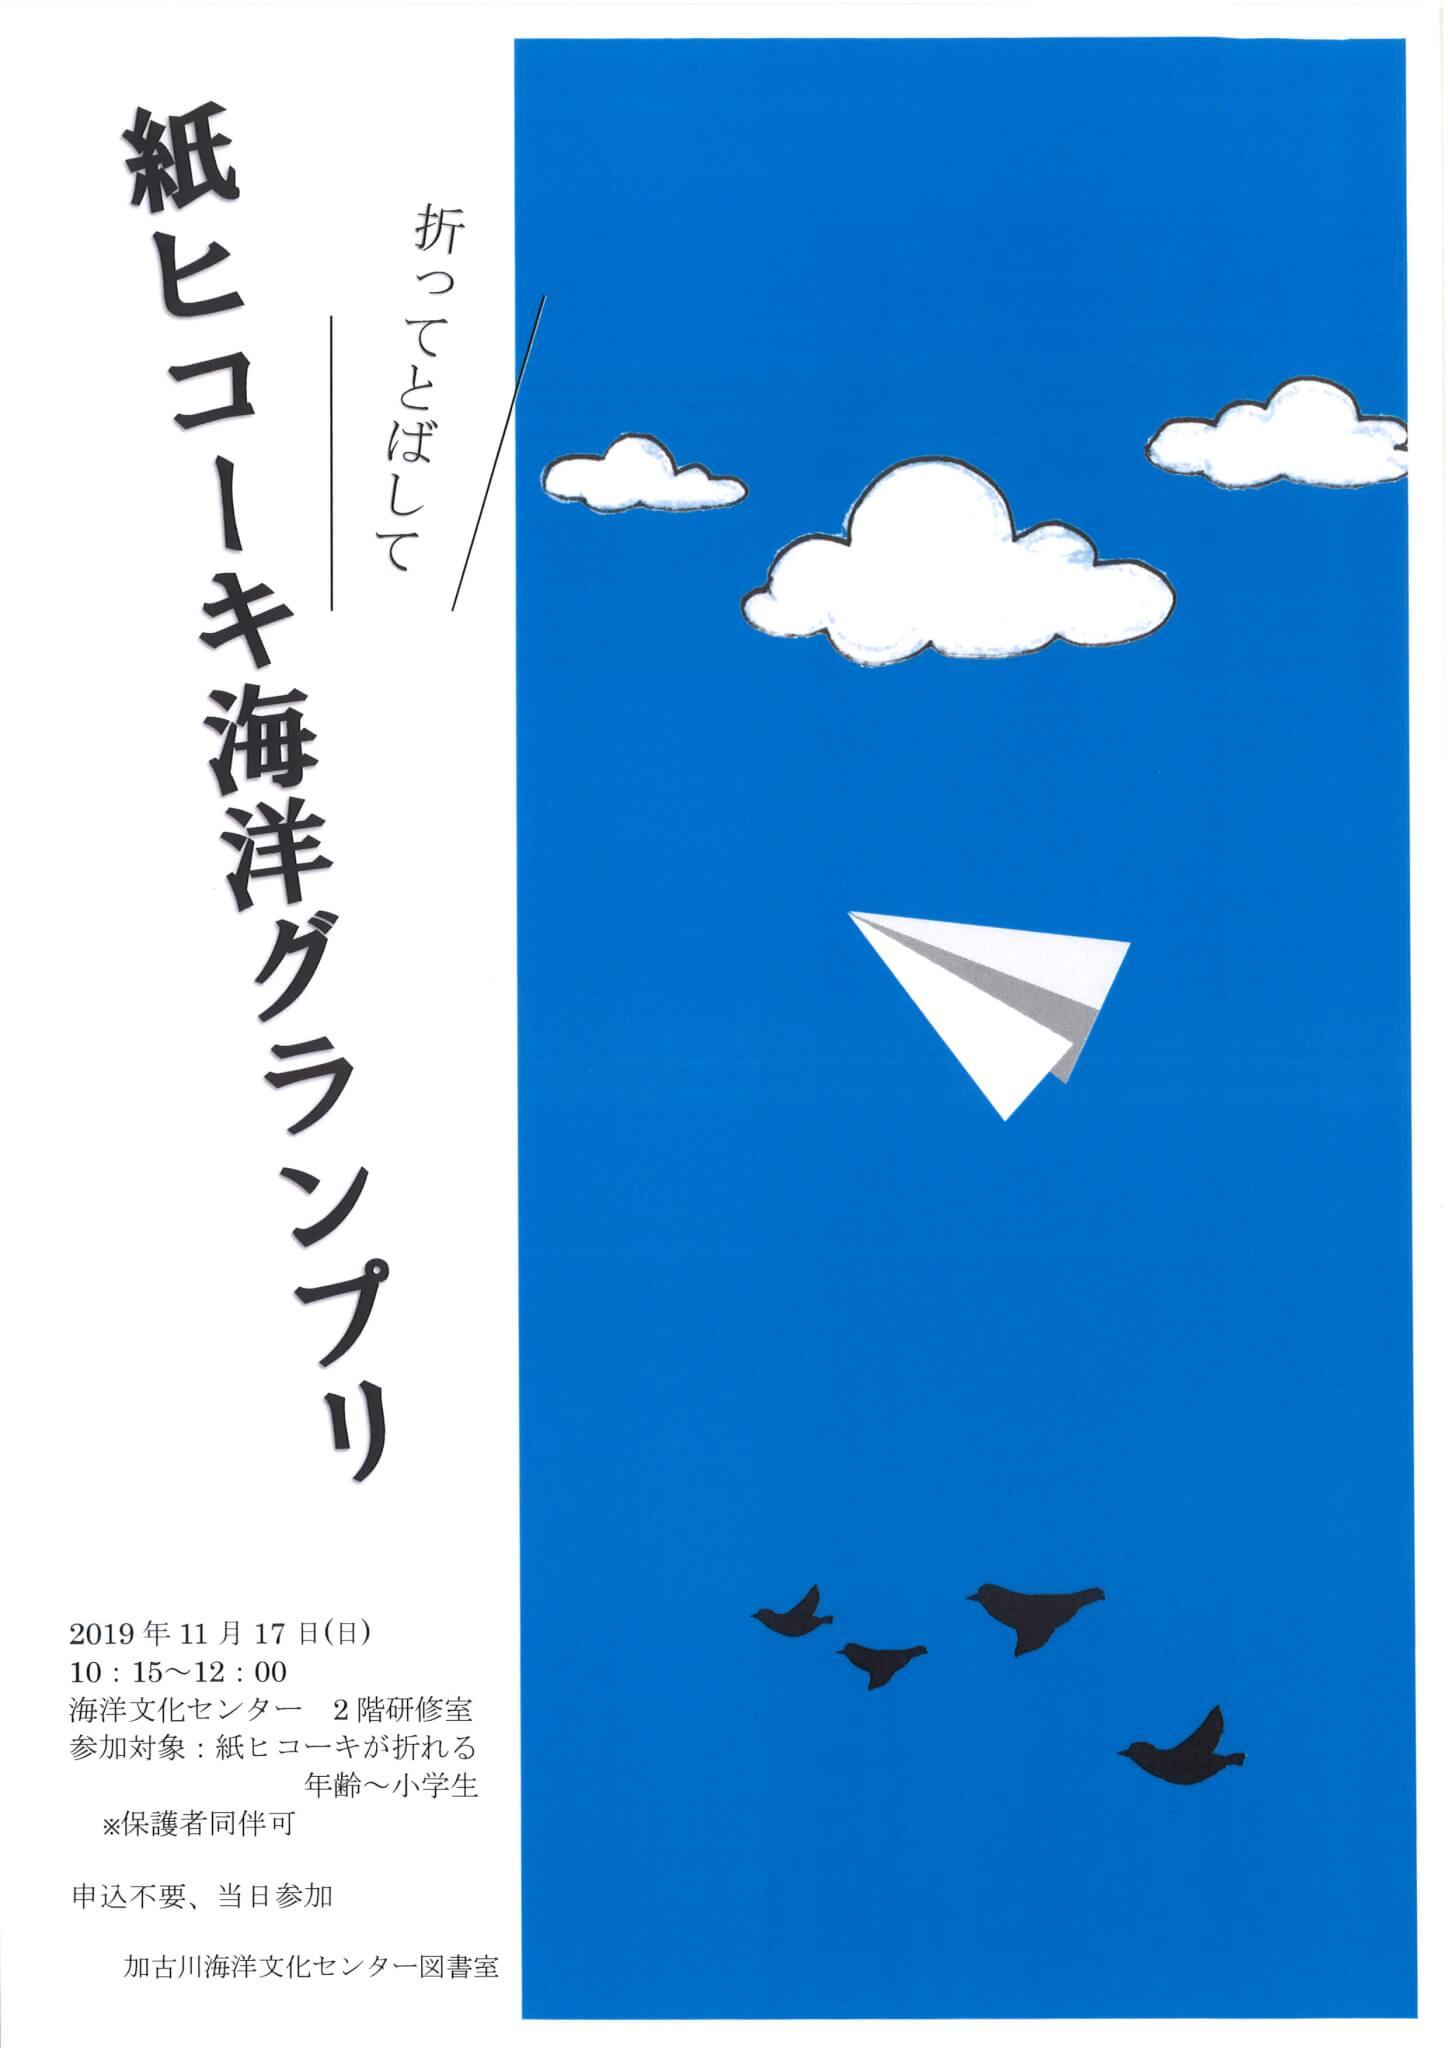 紙ヒコーキ海洋グランプリ